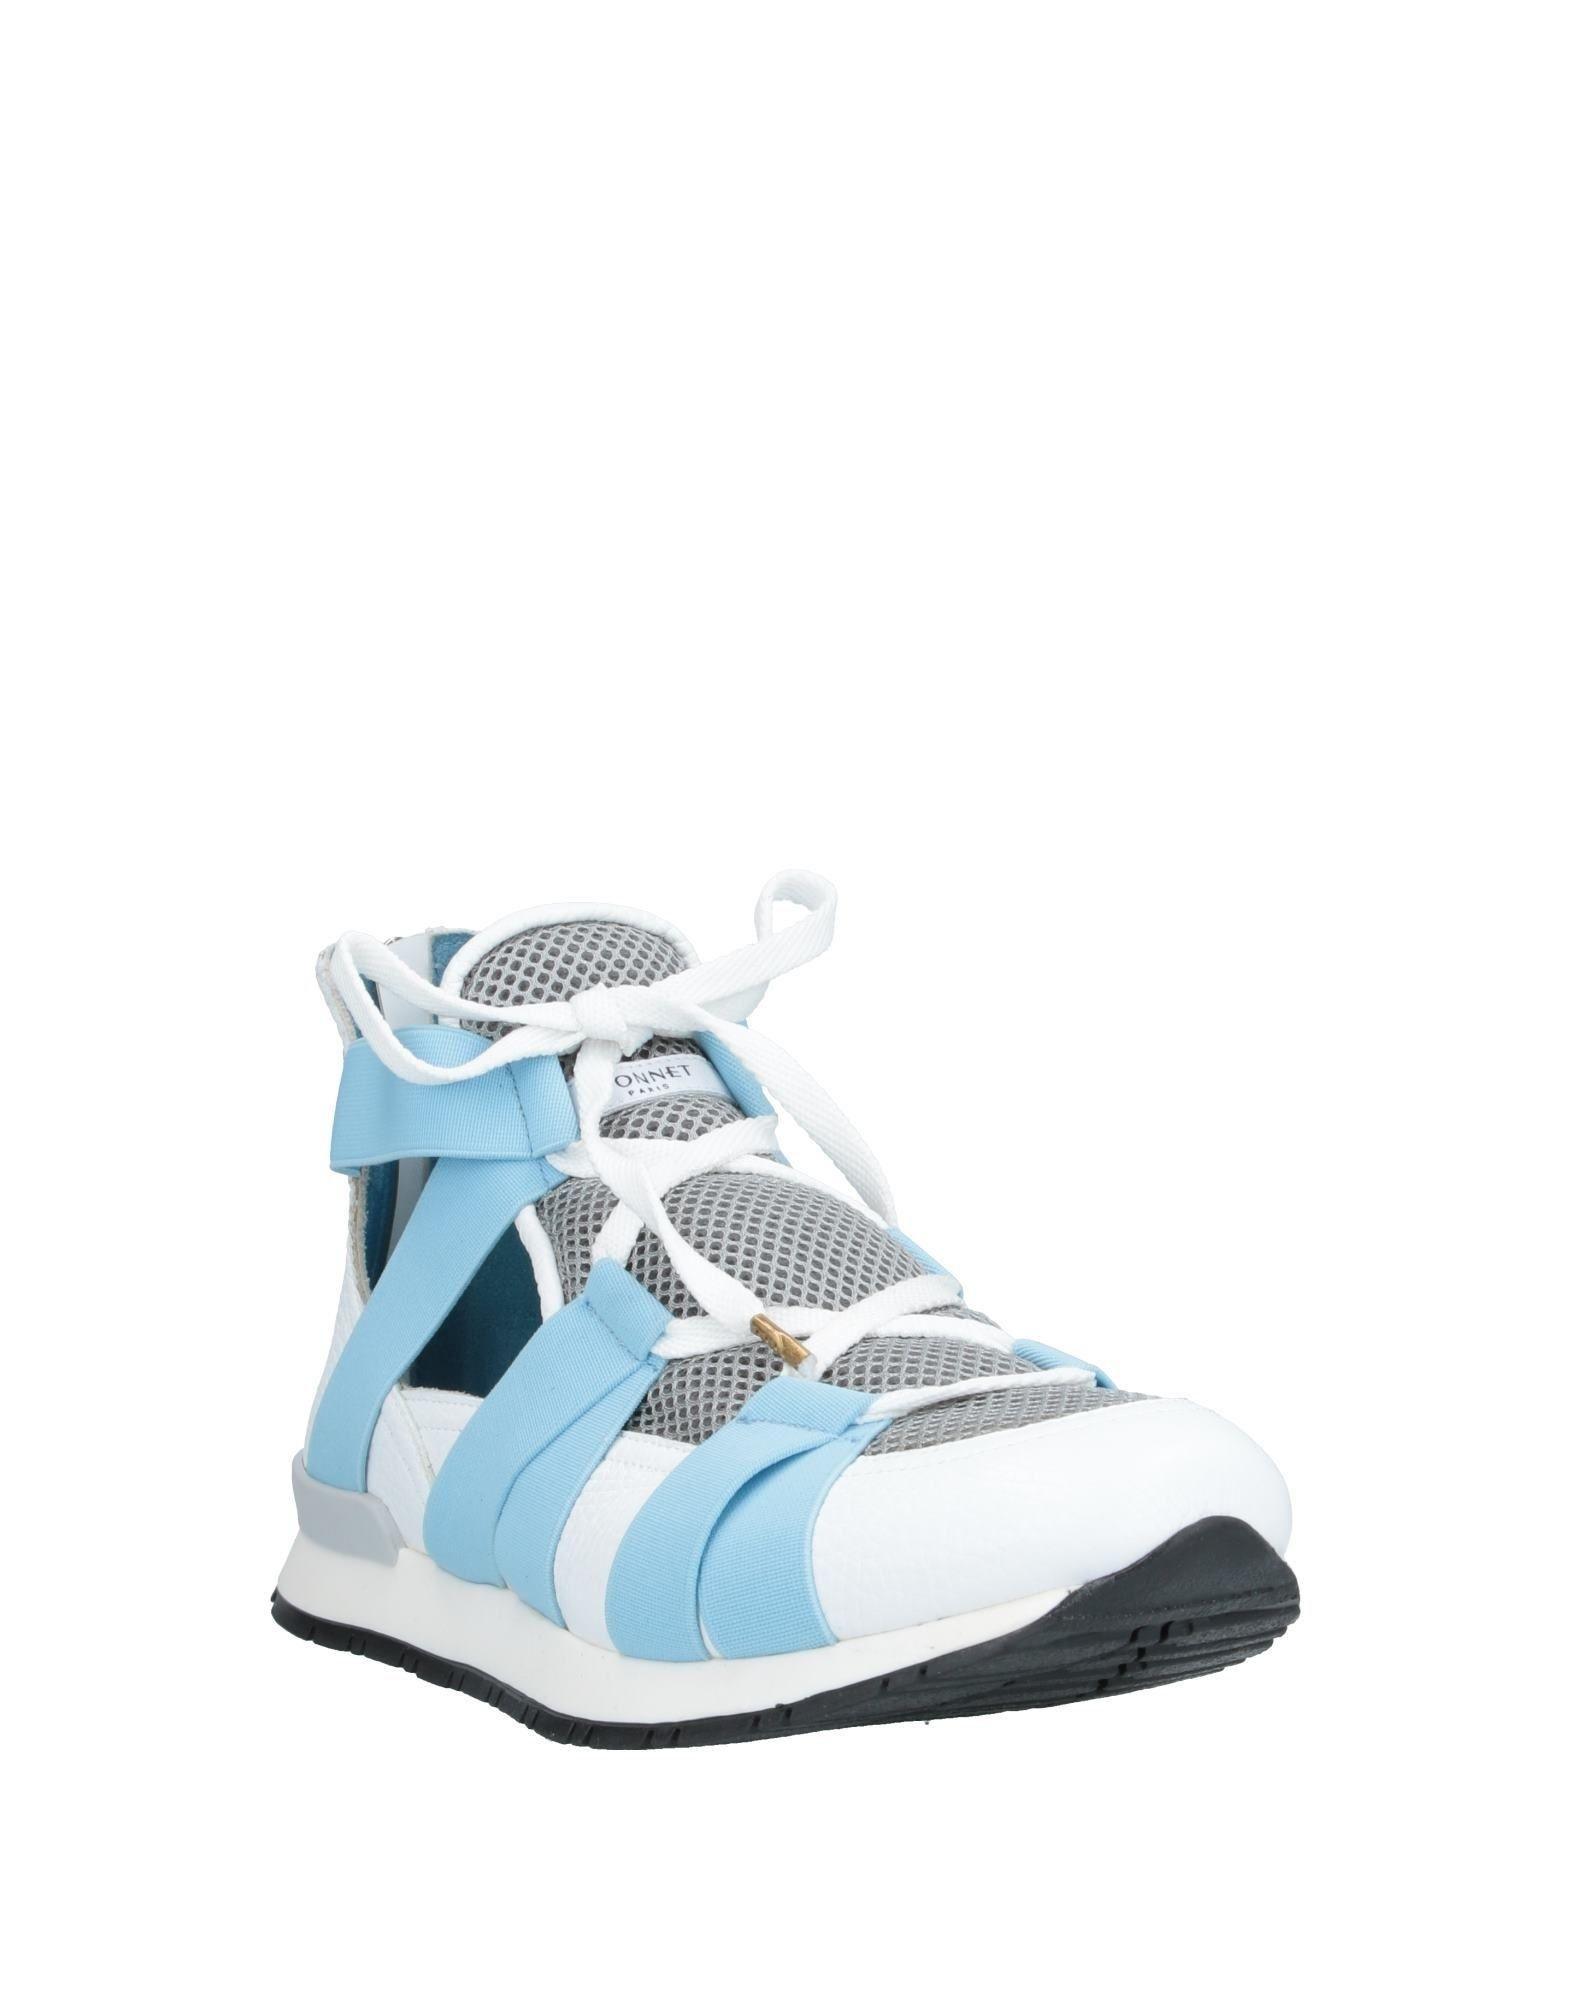 Sneakers abotinadas Vionnet de Neopreno de color Blanco